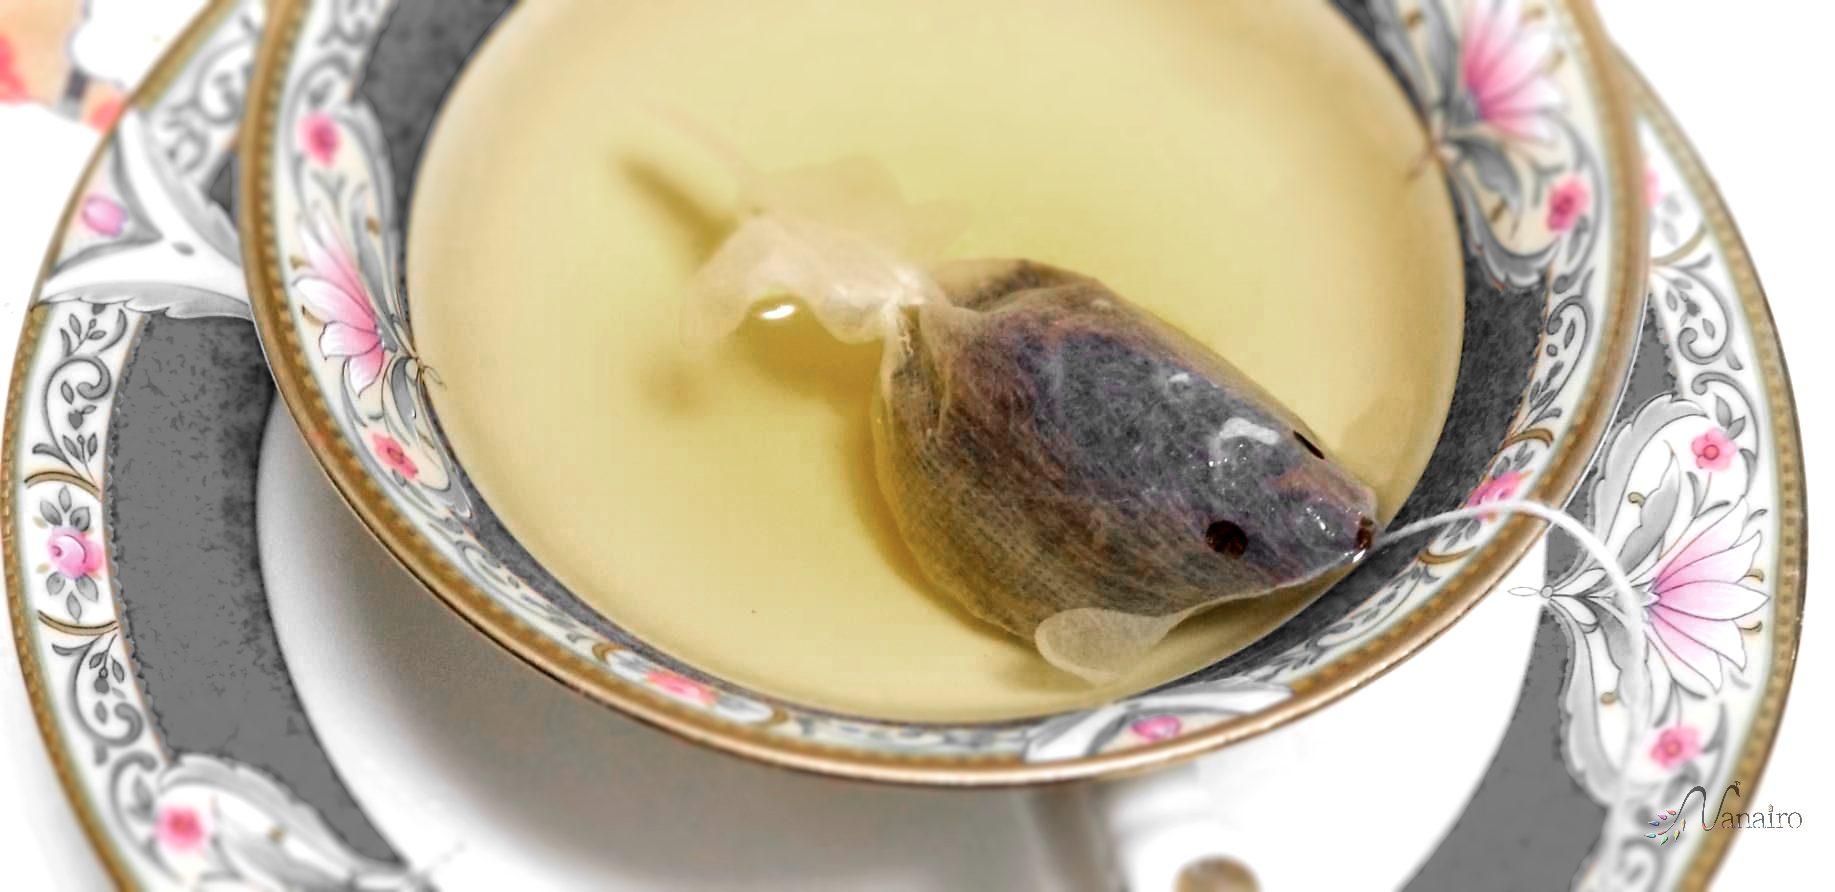 おすすめのお土産 CHARM VILLAの『金魚のティーバッグ』